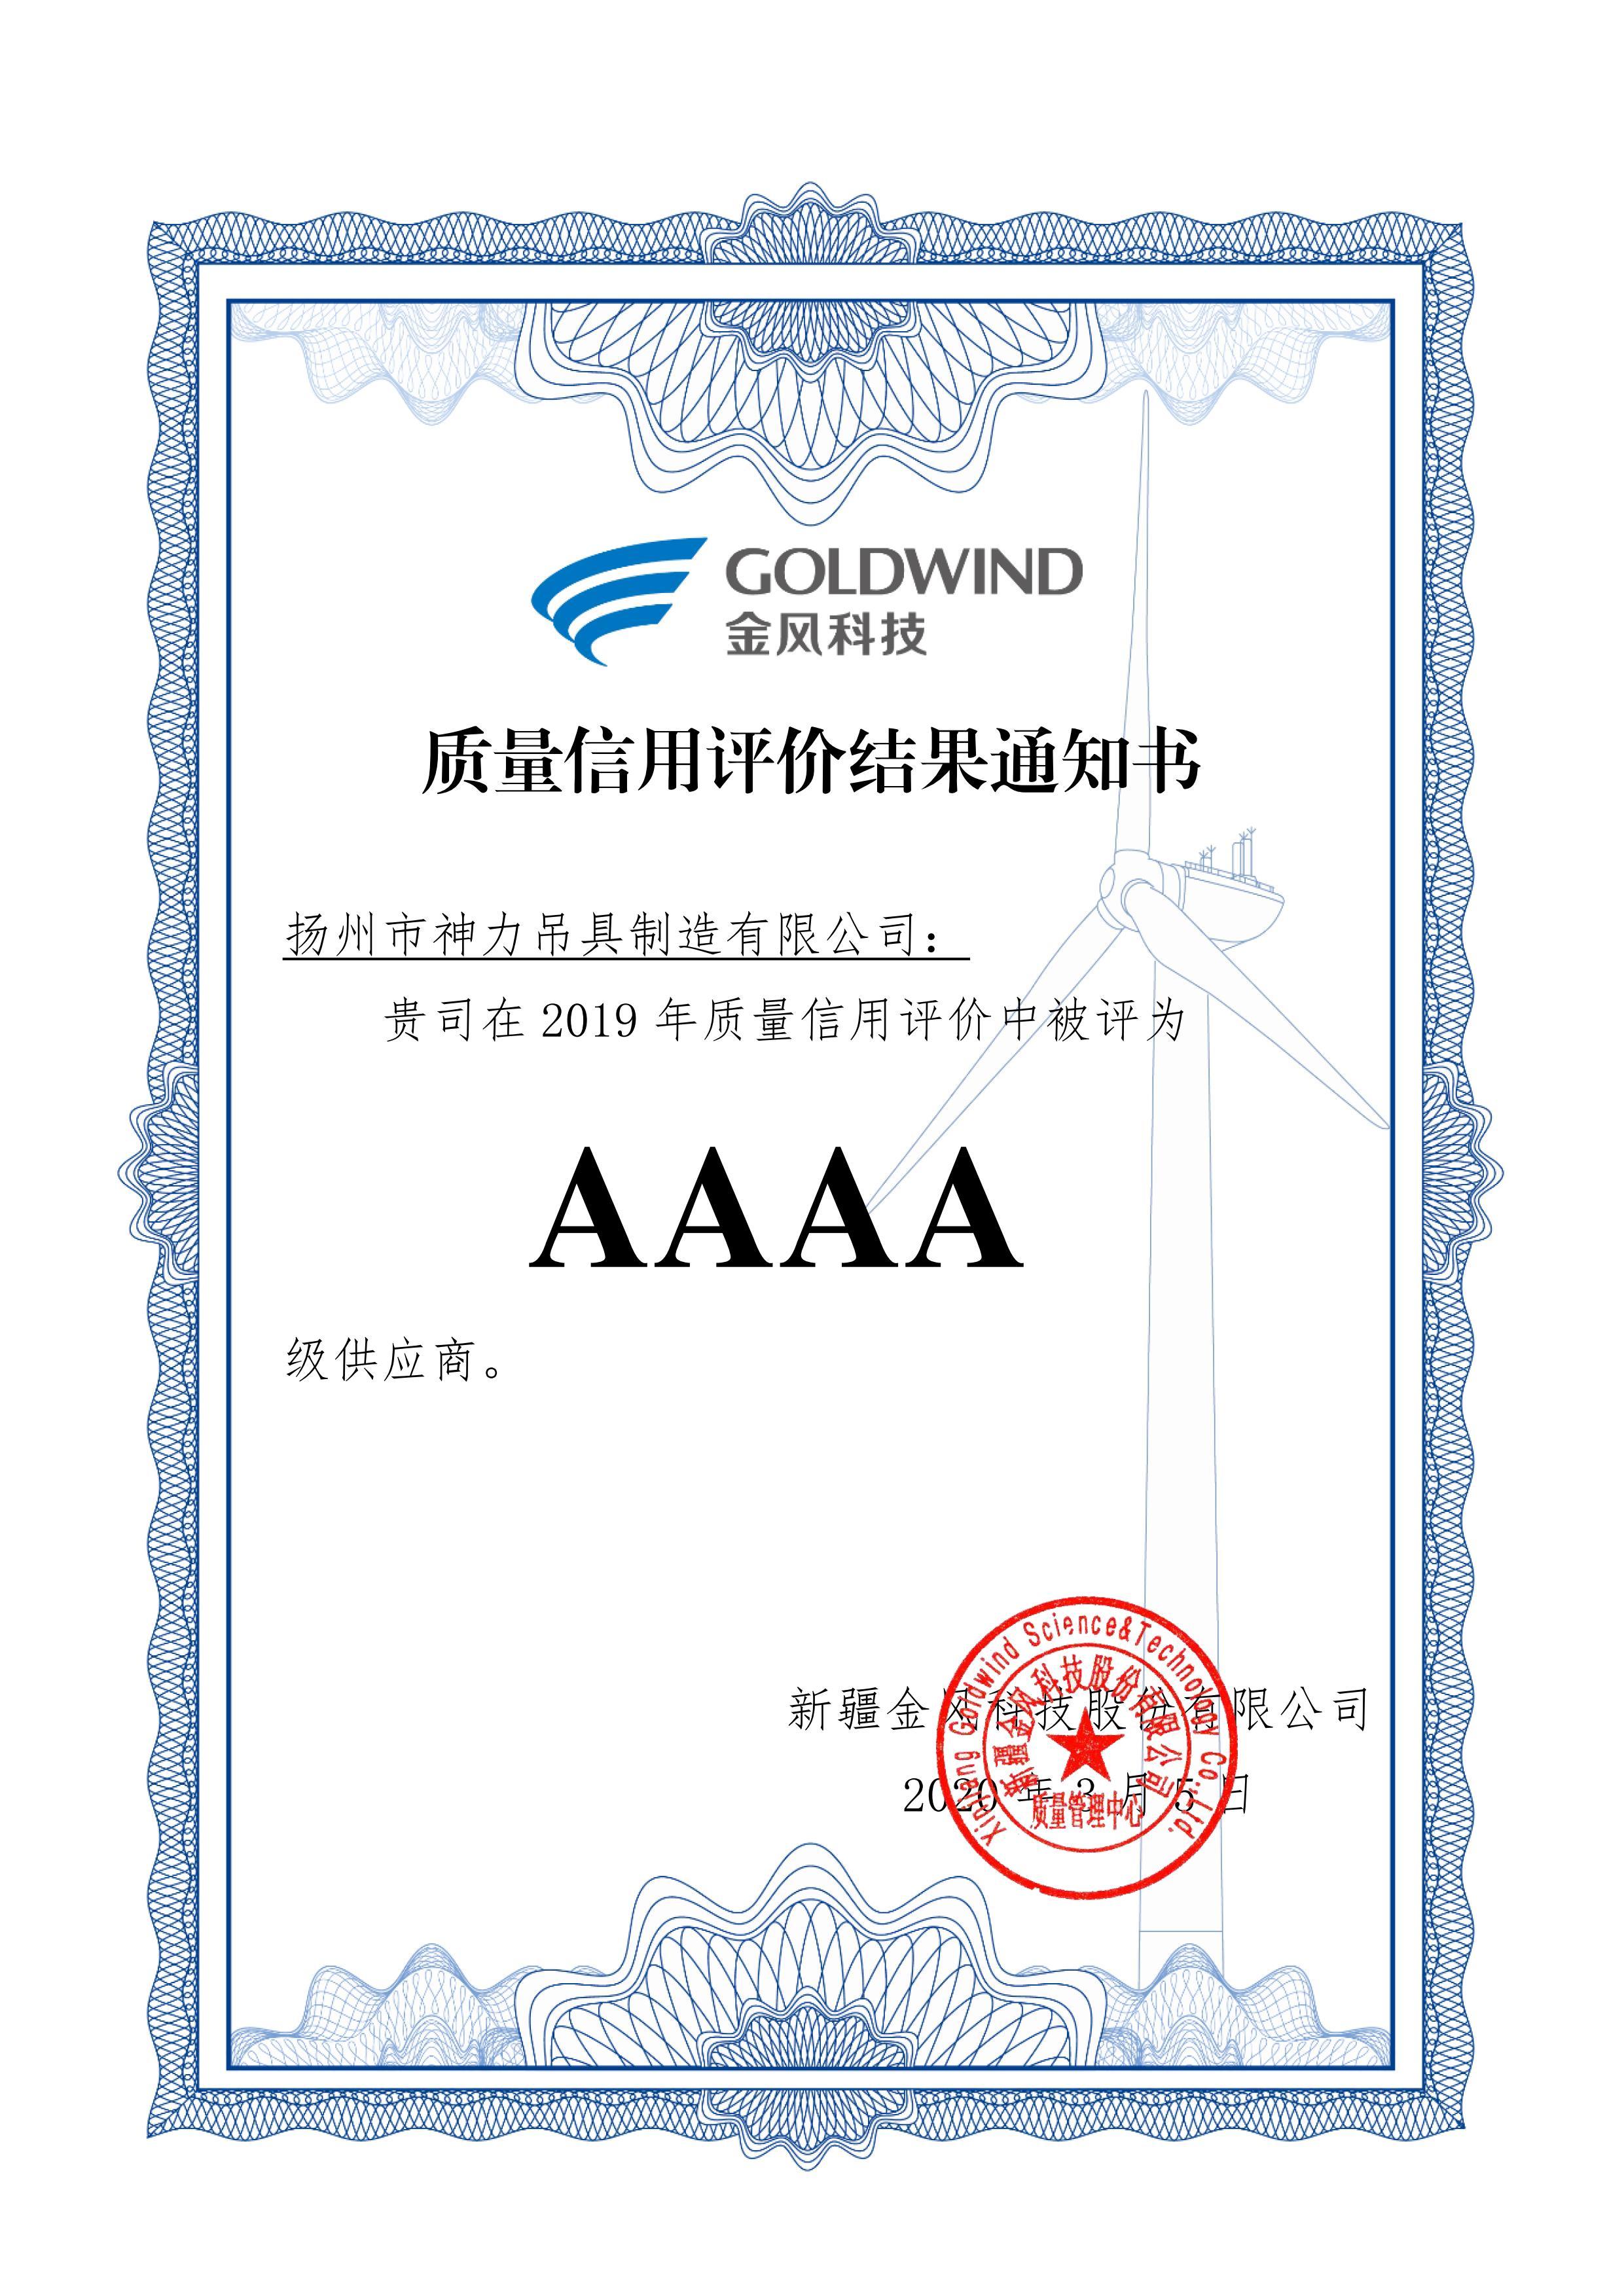 質量信用評價結果通知書-揚州市神力吊具制造有限公司_02